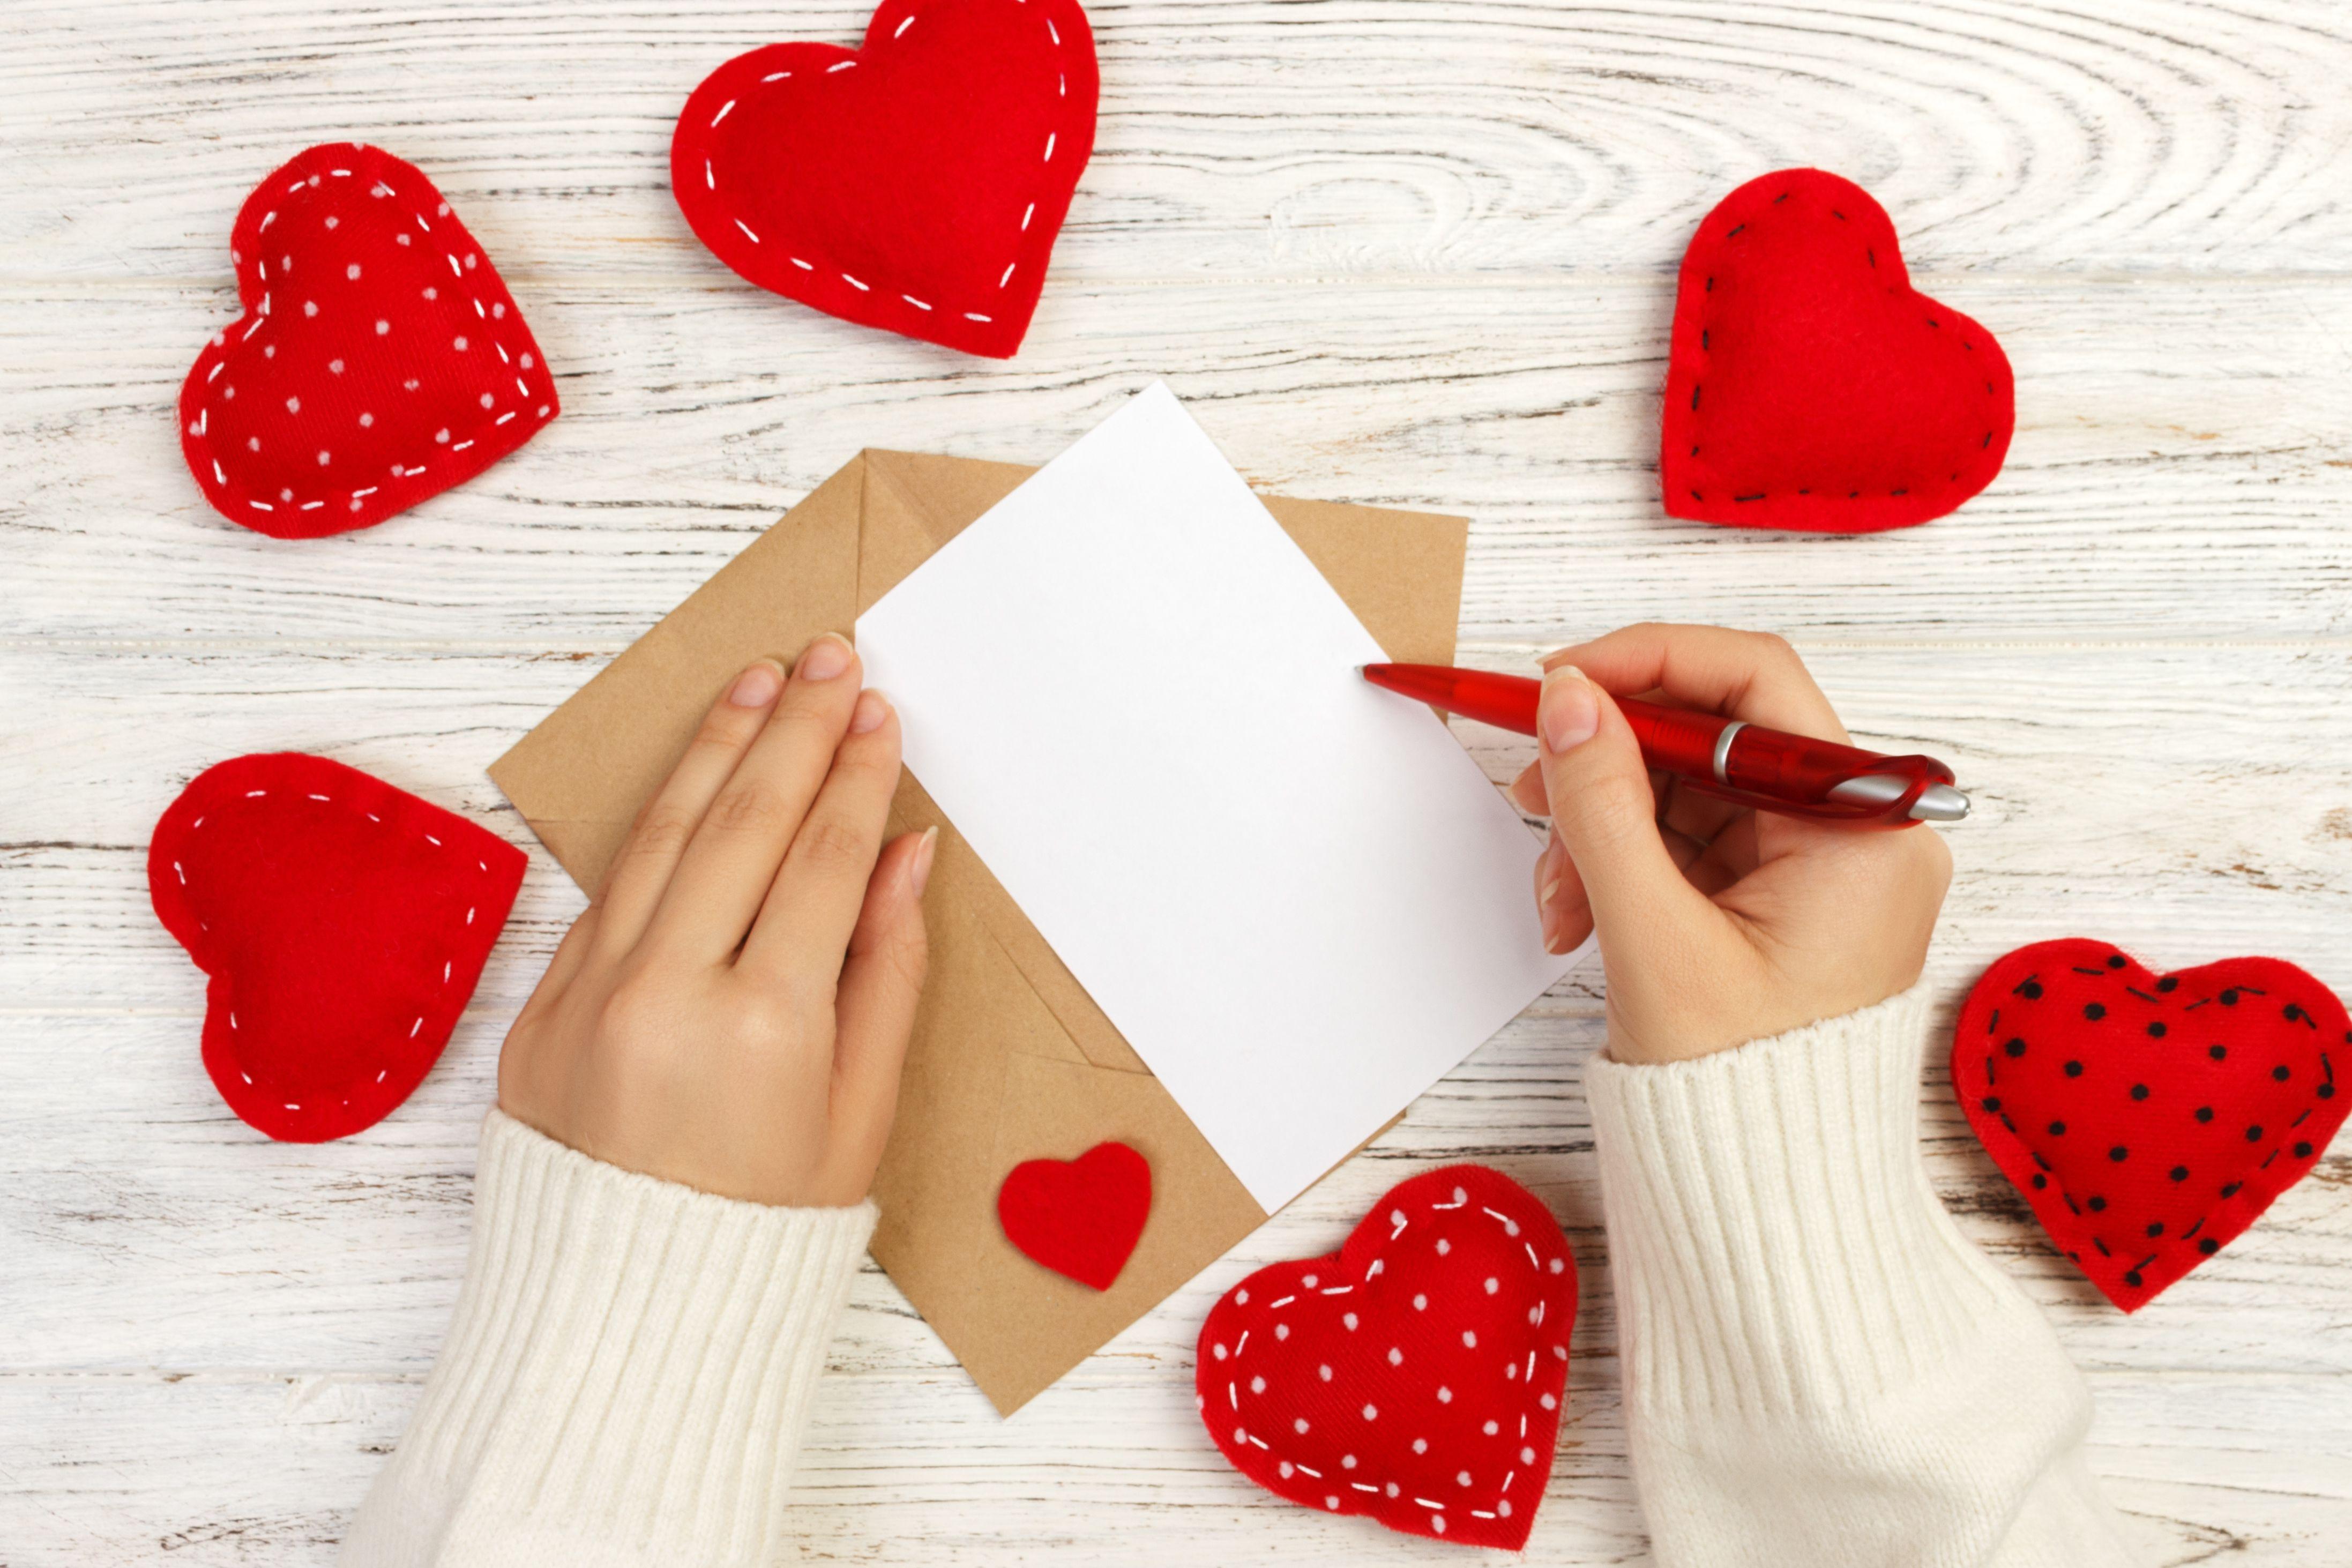 puidust laual paberile kirjutava naise kärbitud käed